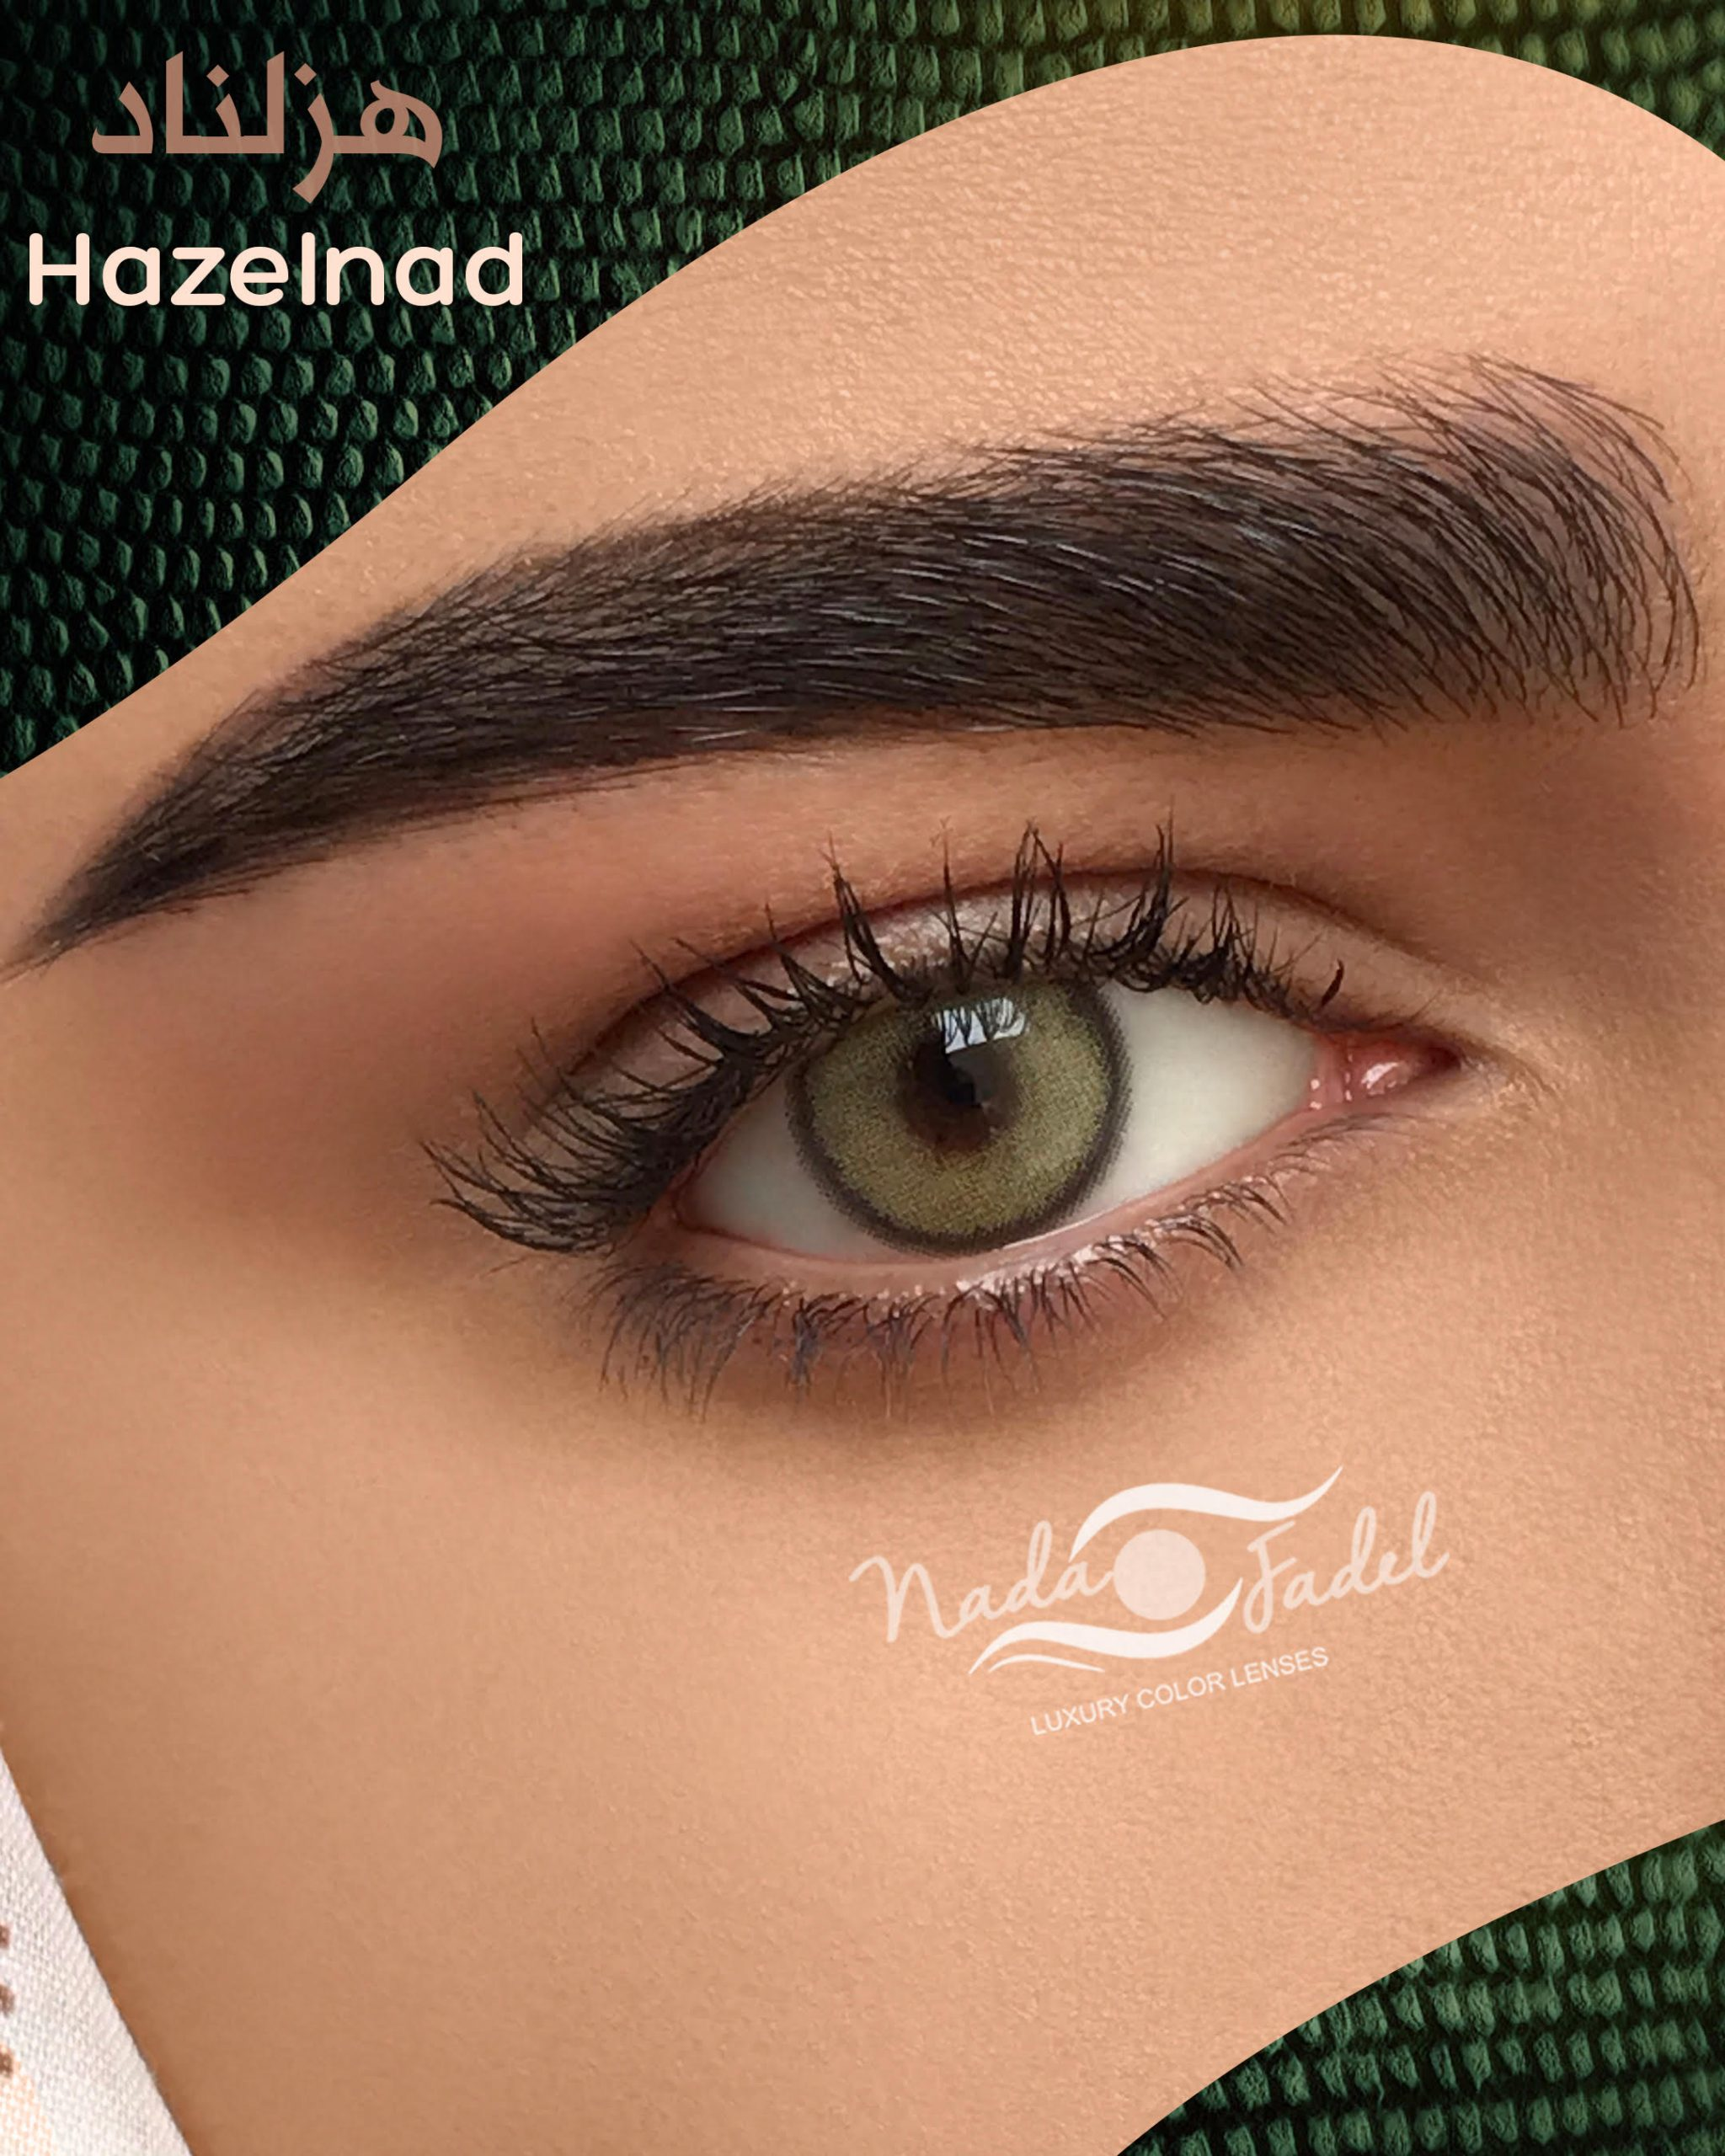 Hazelnad